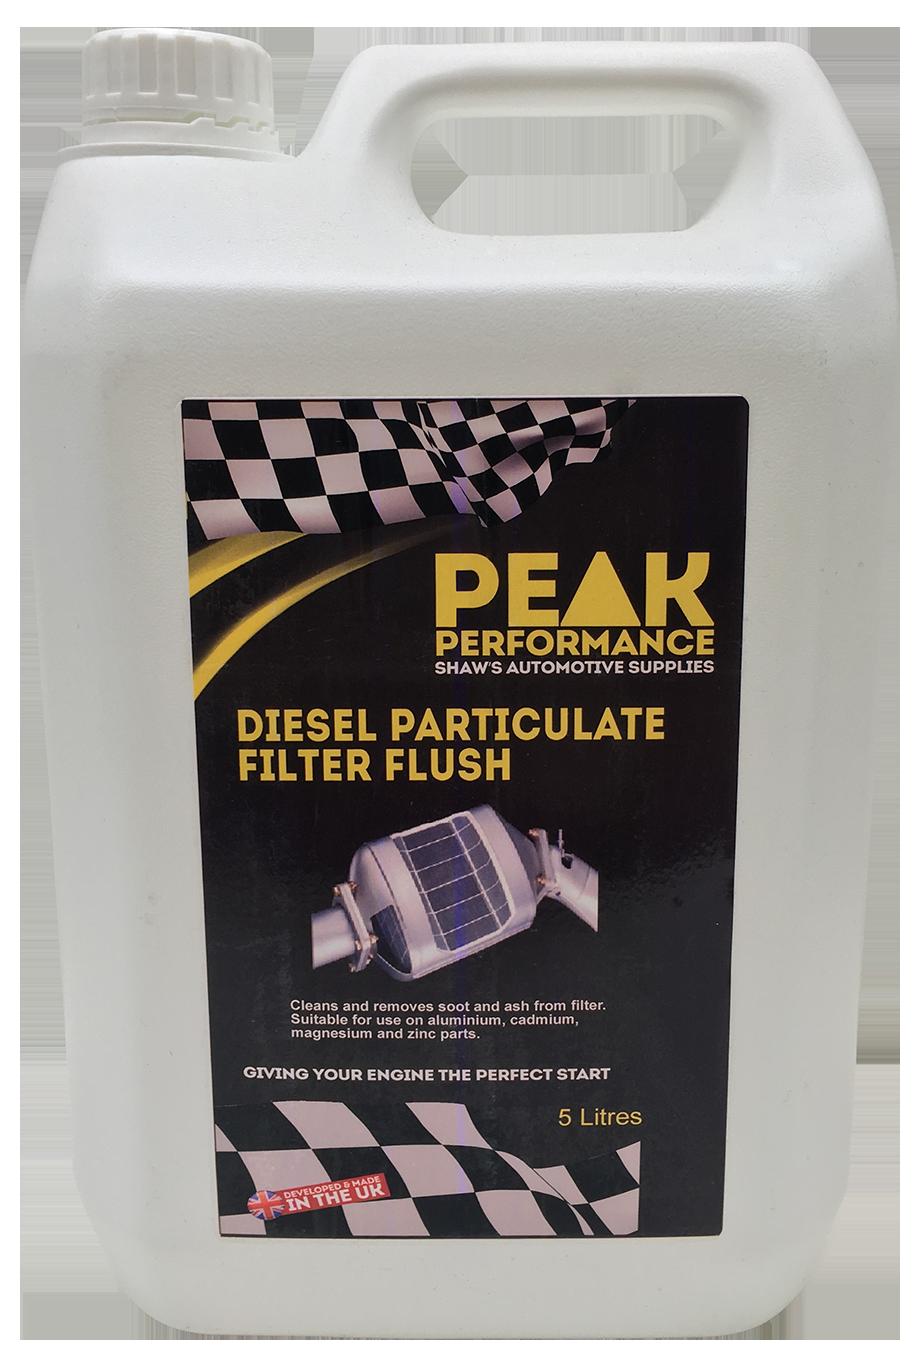 DieselParticulateFilterFlush(YELLOW)